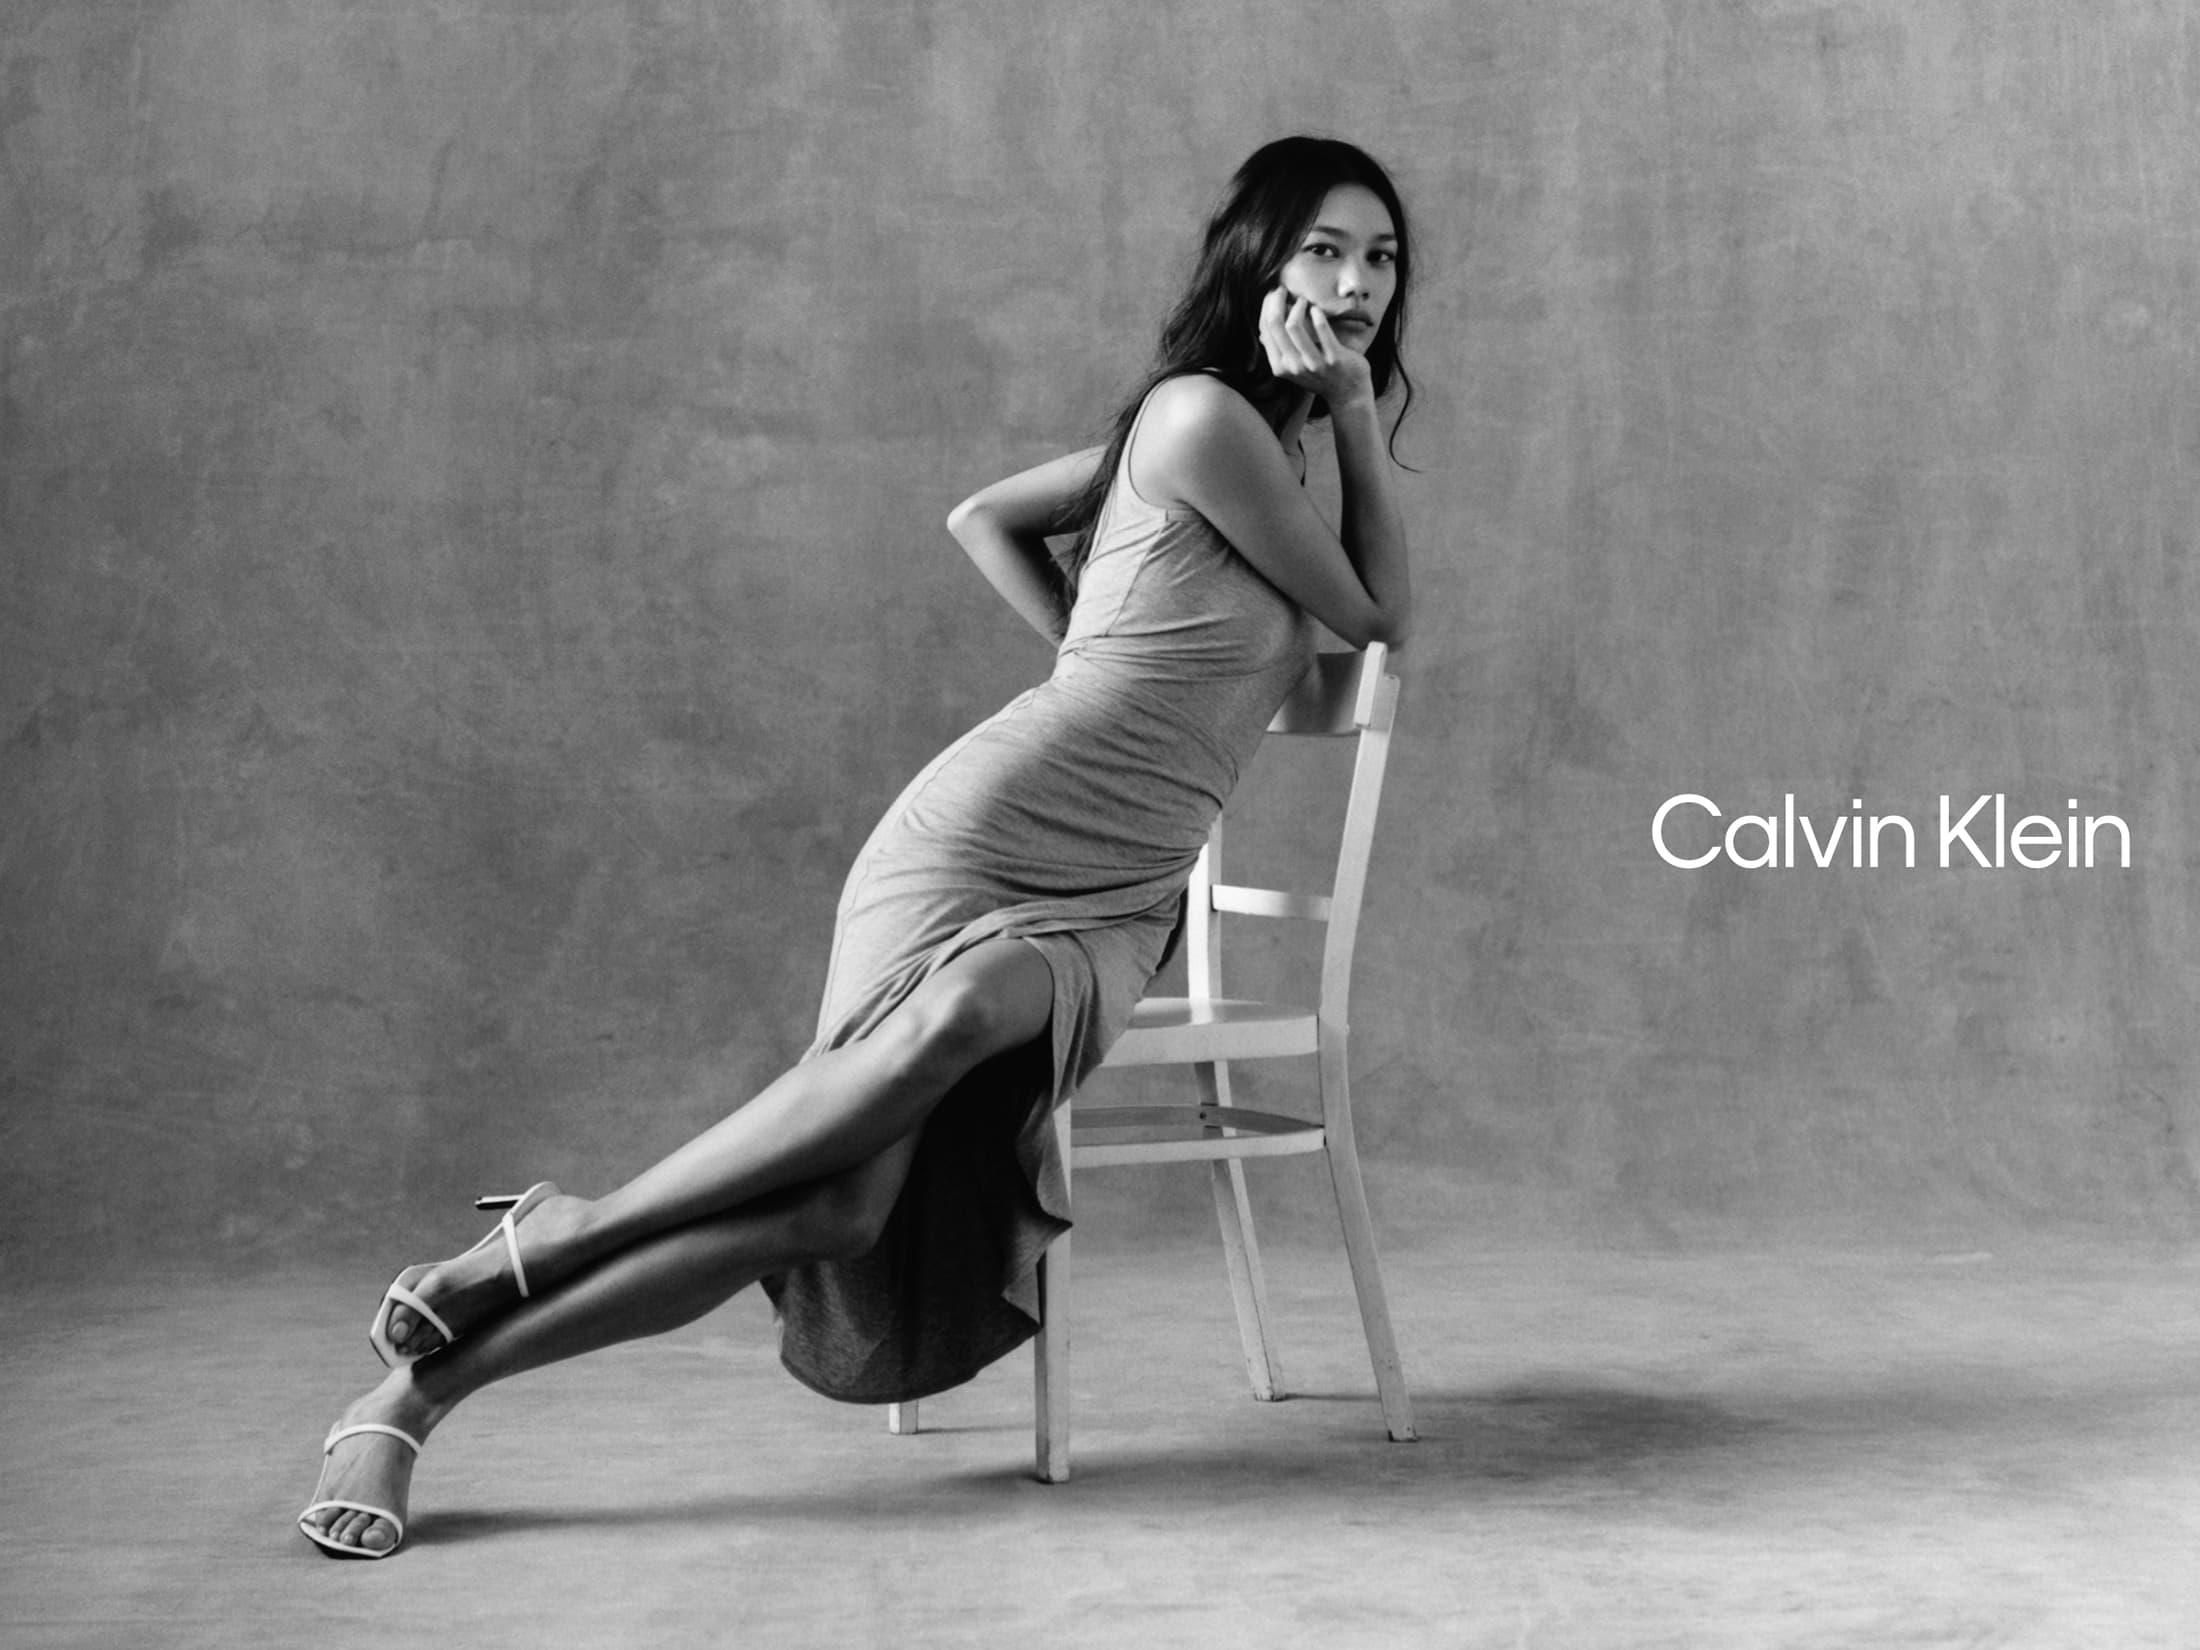 Calvin Klein Sportswear Spring 2021 Ad Campaign Photos